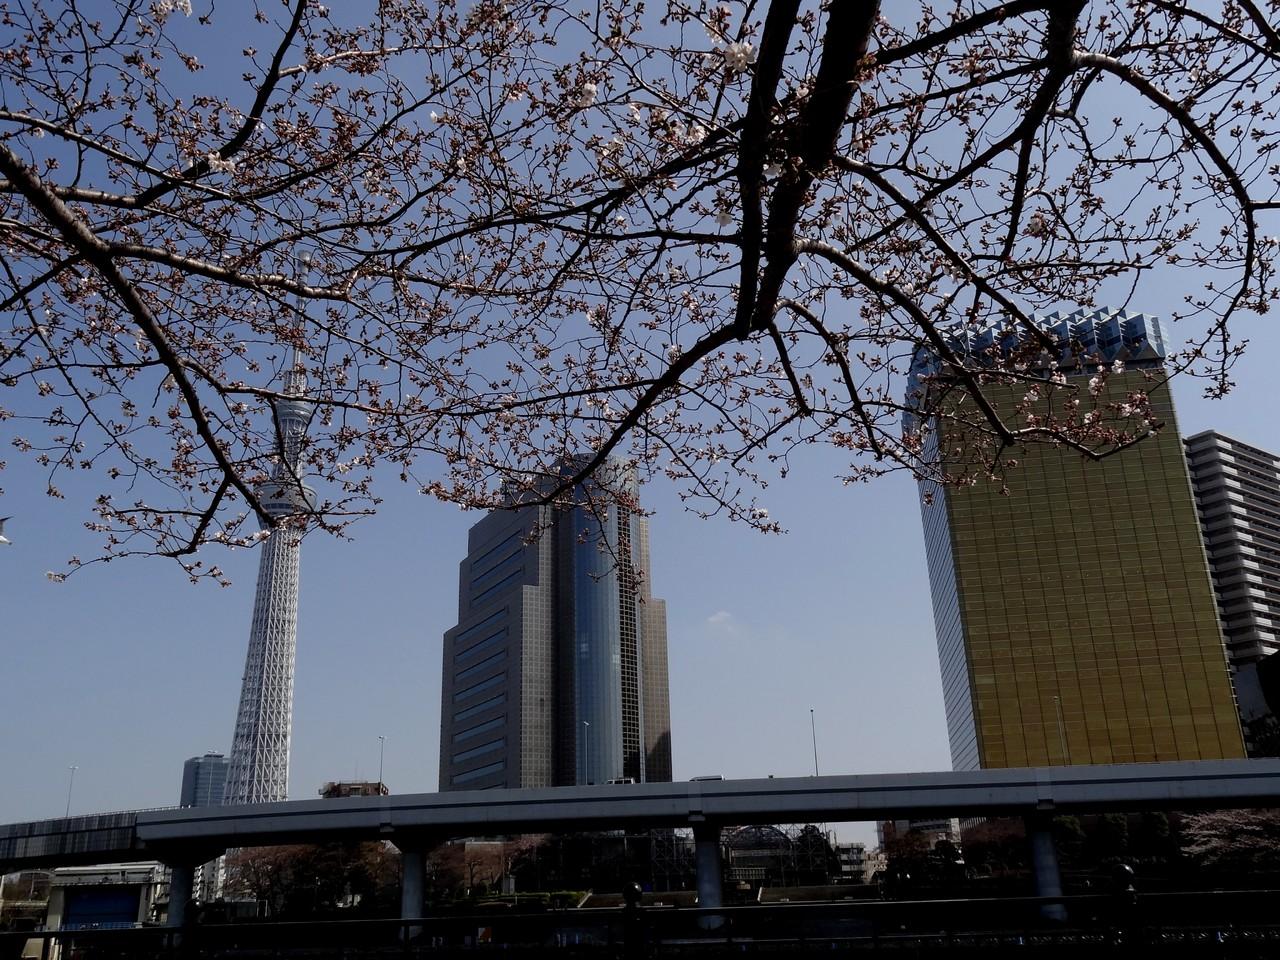 隅田公園の桜 / 東京スカイツリー、墨田区役所、アサヒビール本社